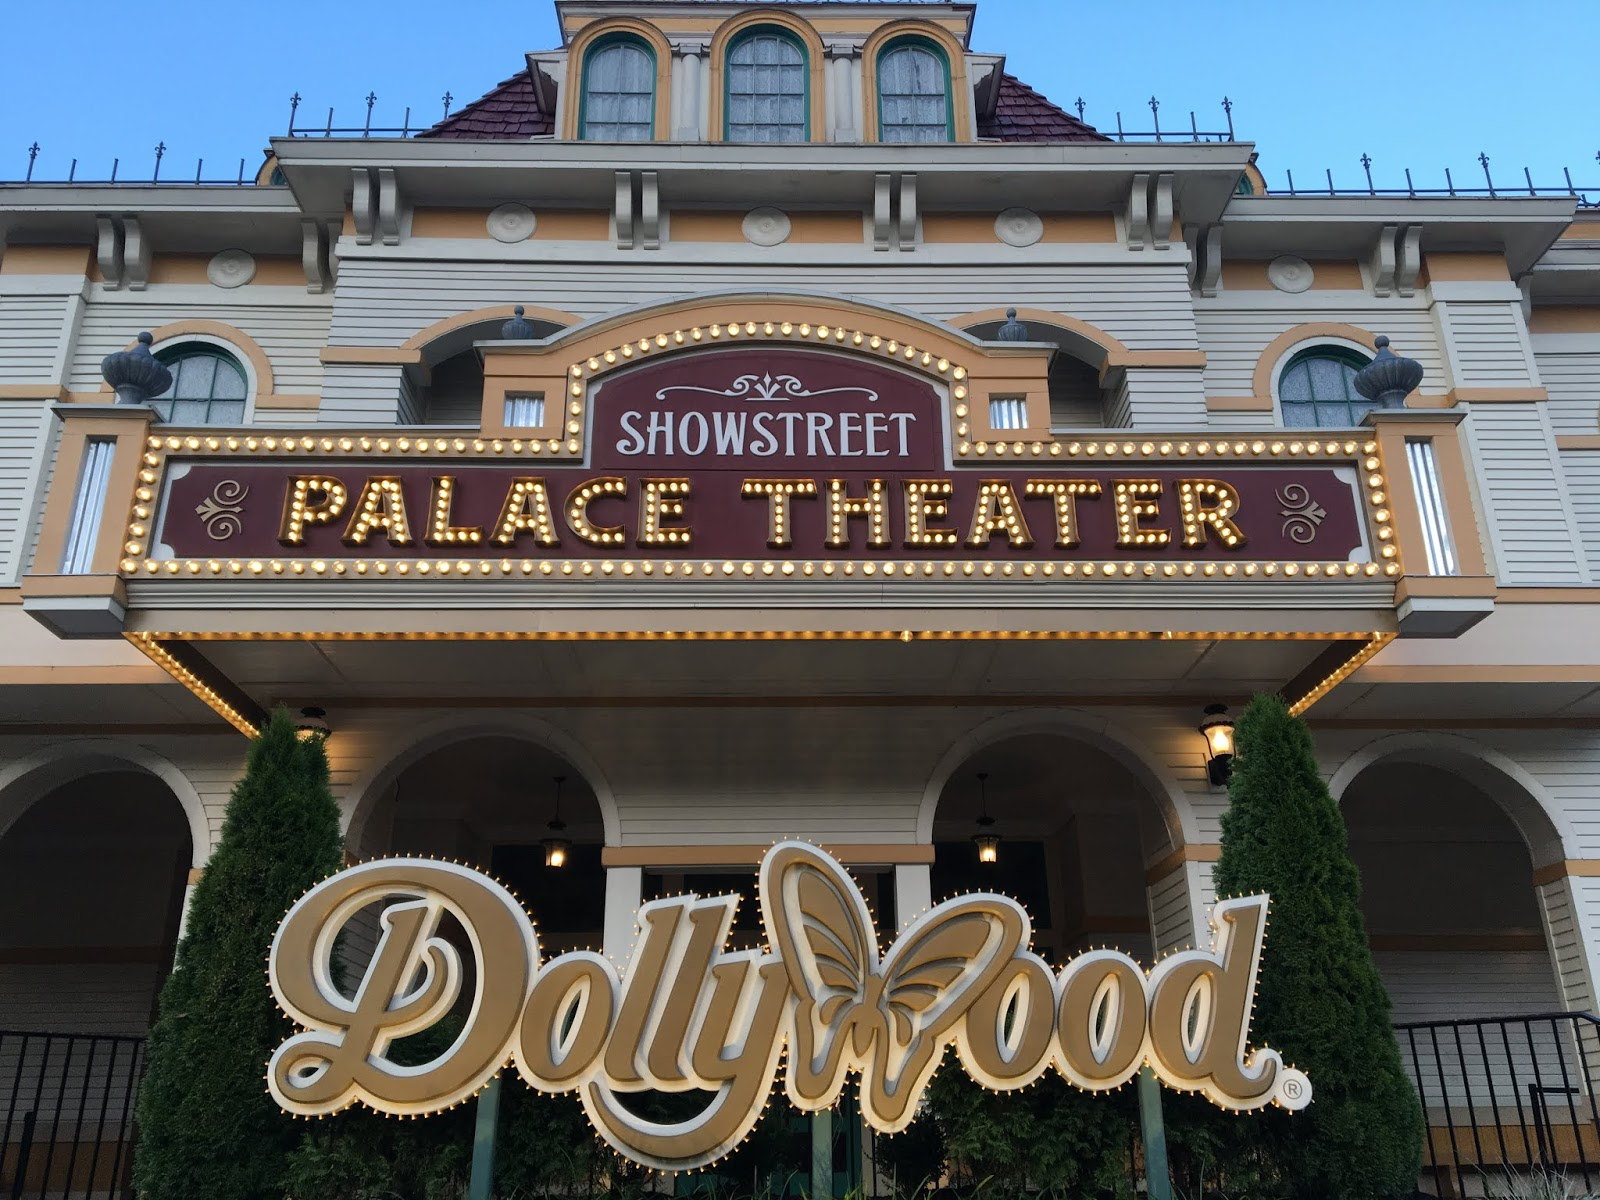 My Disney Life: Dollywood (Nashville Part 1)